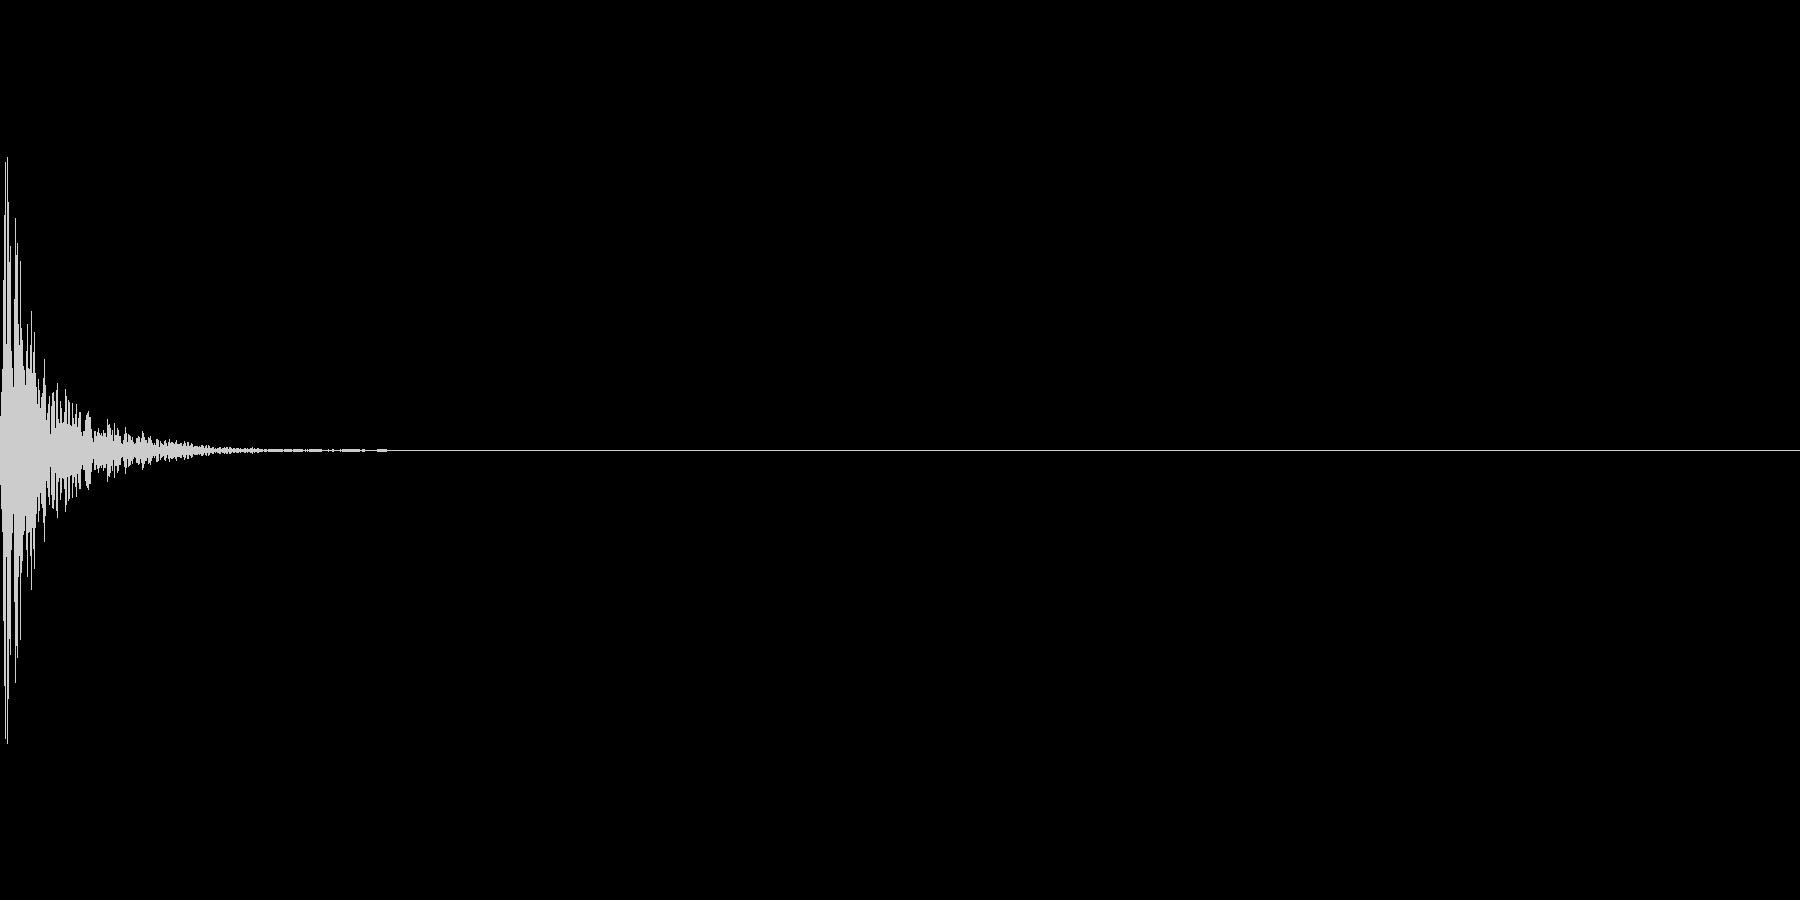 時計、タイマー、ストップウォッチ_A_2の未再生の波形